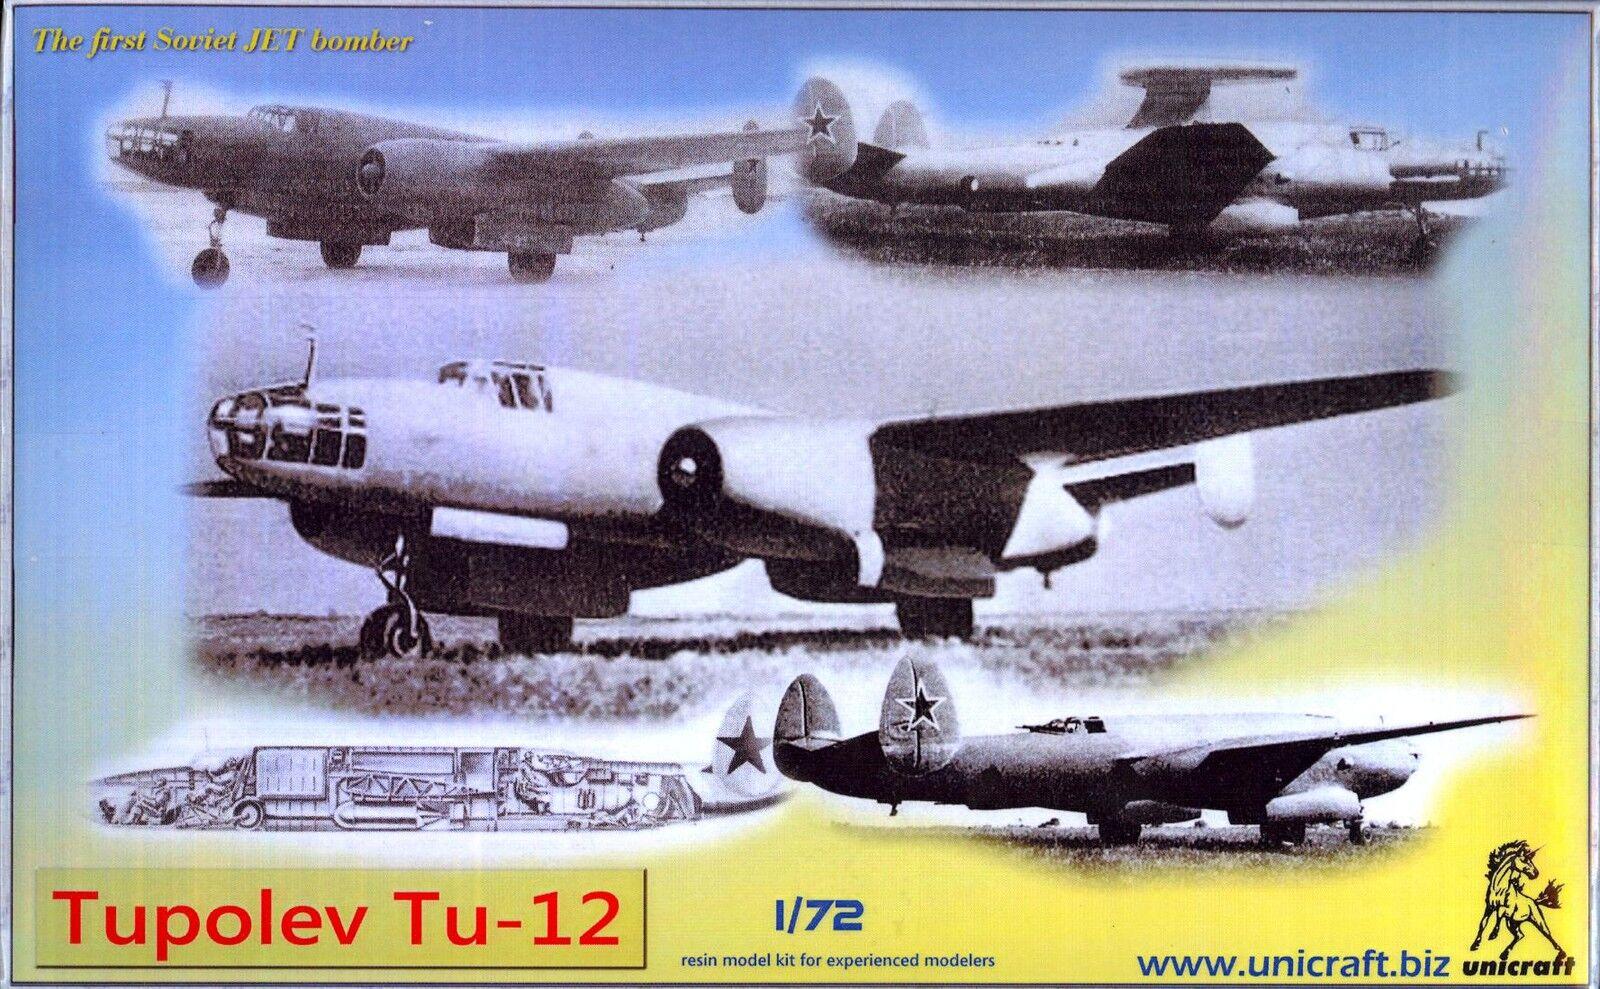 Unicraft Models 1 72 TUPOLEV Tu-12 Soviet Jet Bomber Project